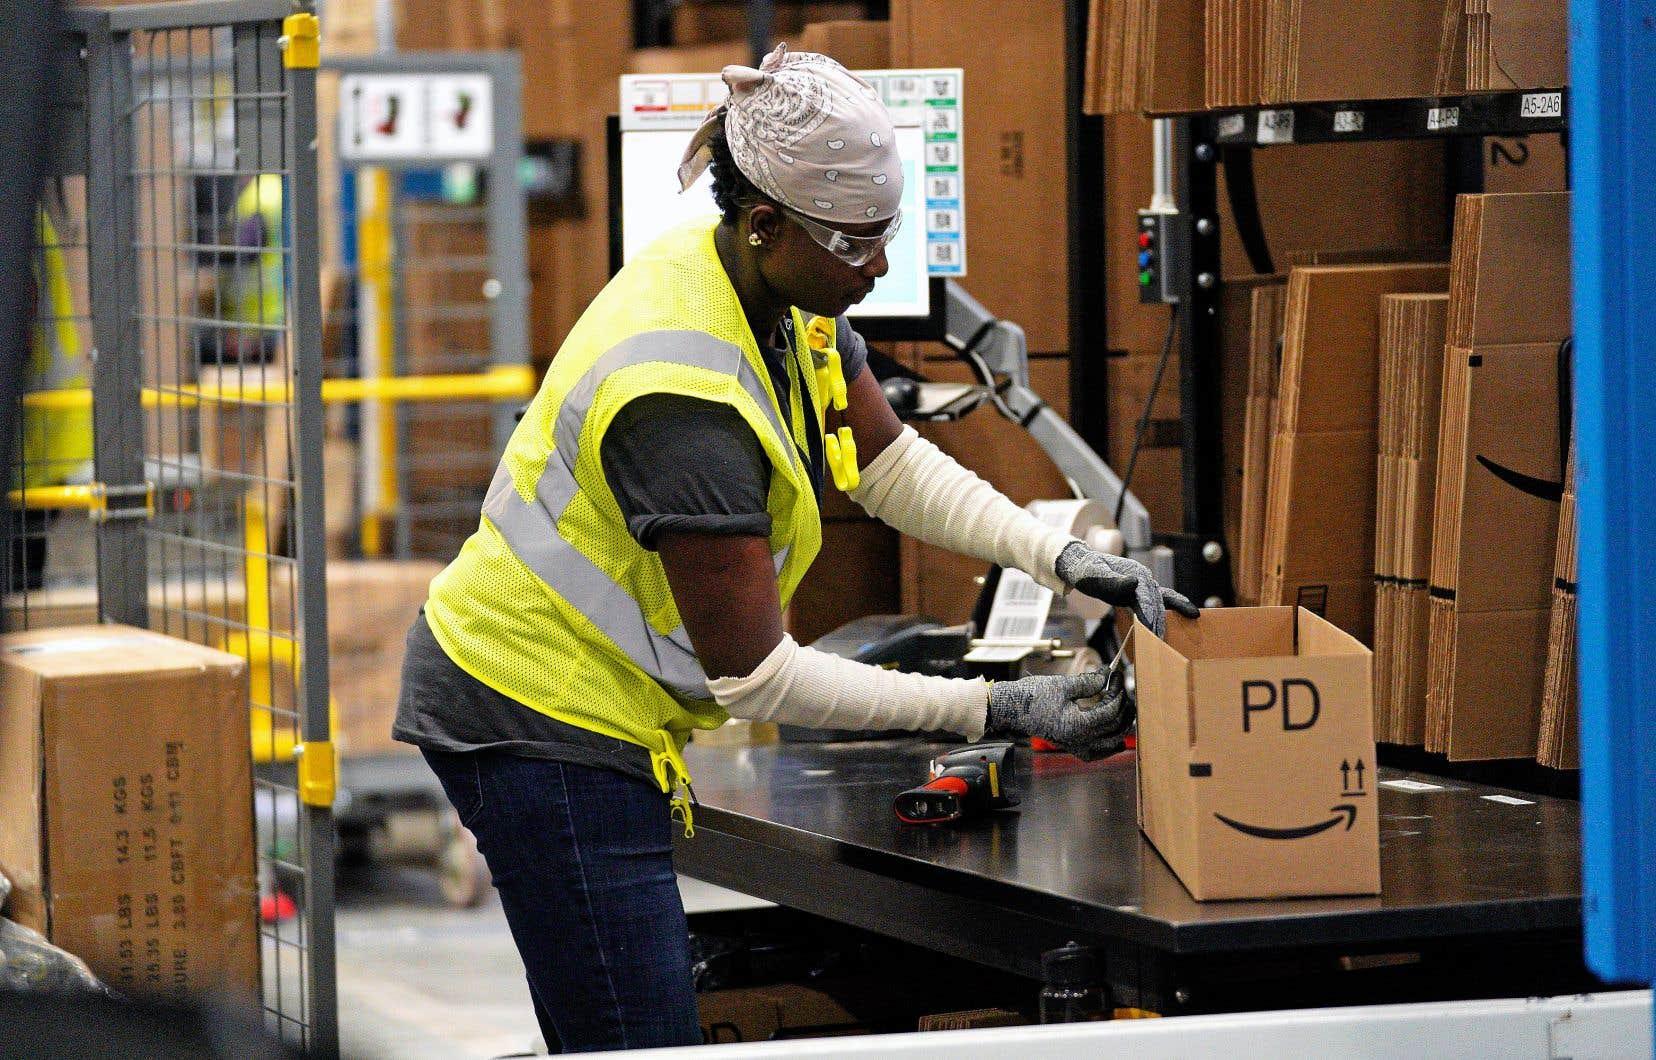 «Le fossé continue de se creuser entre les emplois hautement qualifiés peu répétitifs et les emplois peu qualifiés très répétitifs, ce qui risque d'accentuer encore les inégalités», souligne l'OCDE.